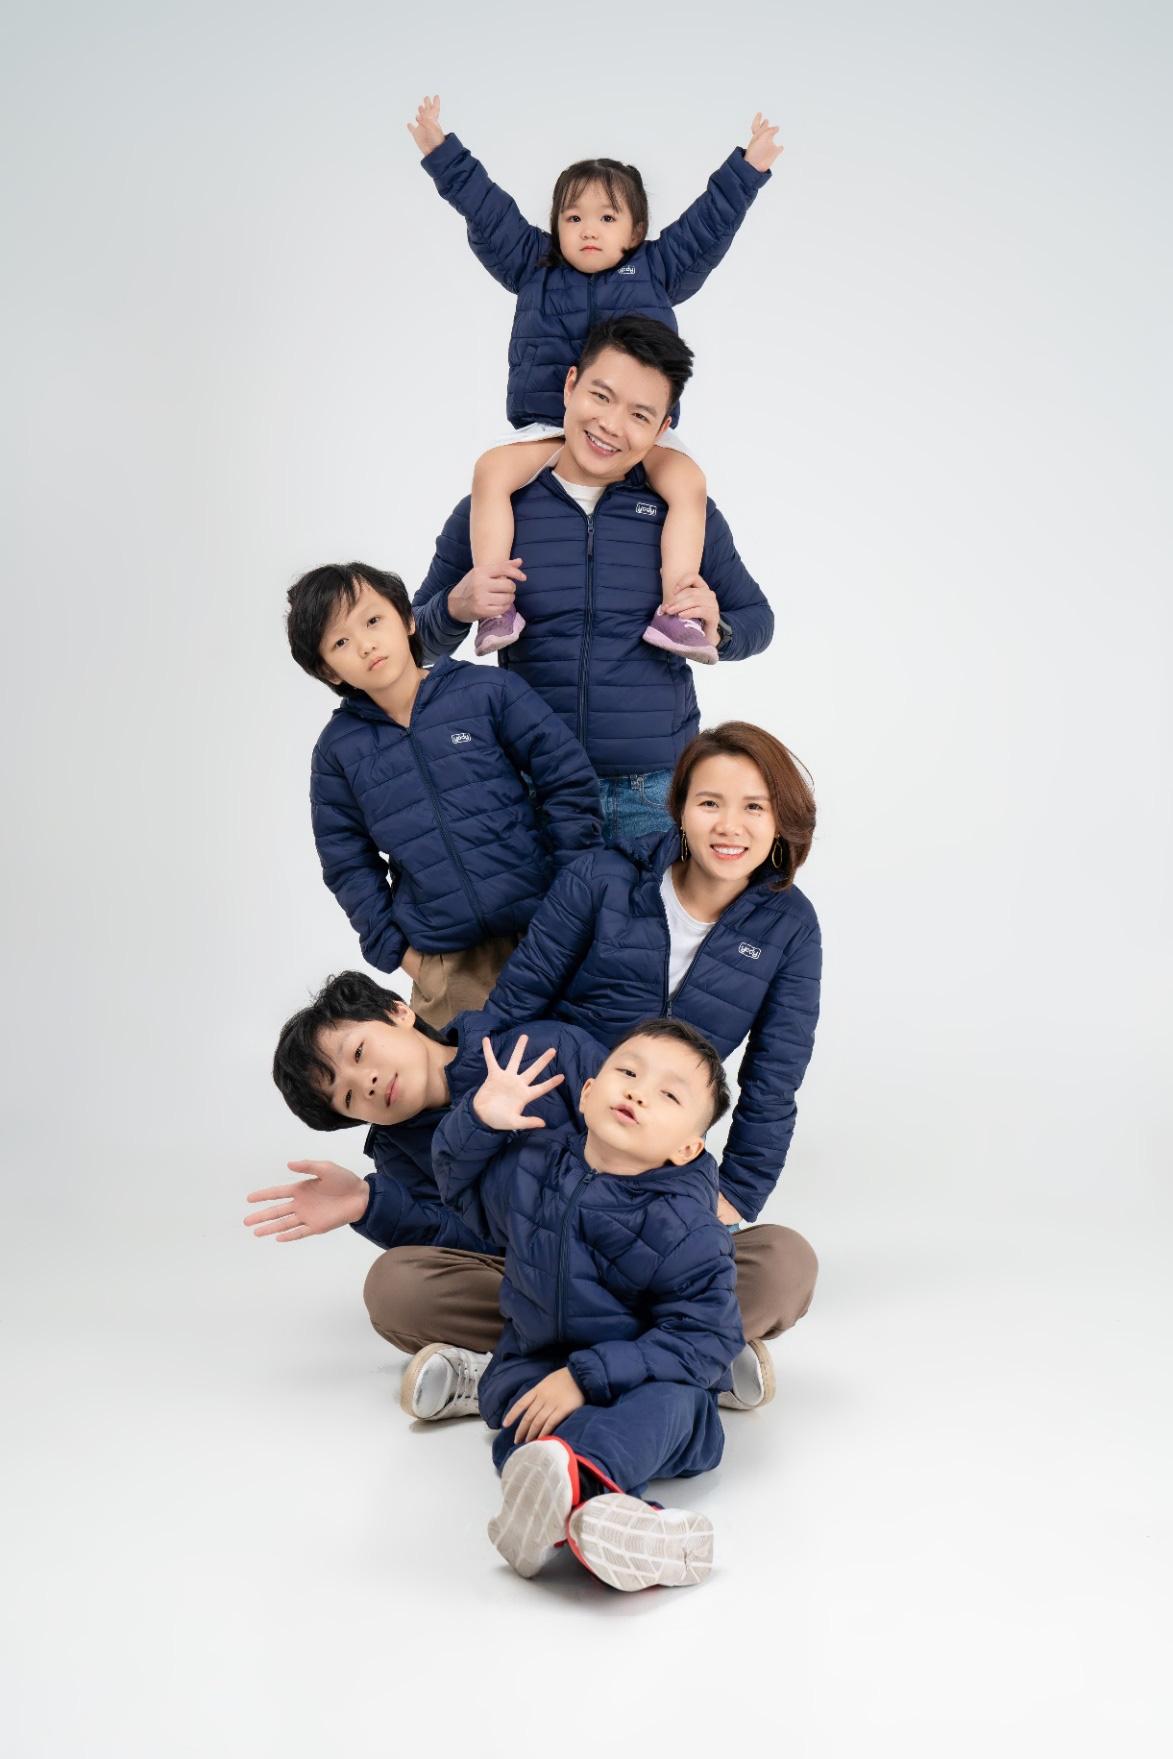 CEO Yody cùng vợ trẻ và 4 con làm đại sứ thương hiệu cho dòng sản phẩm mới - Ảnh 3.